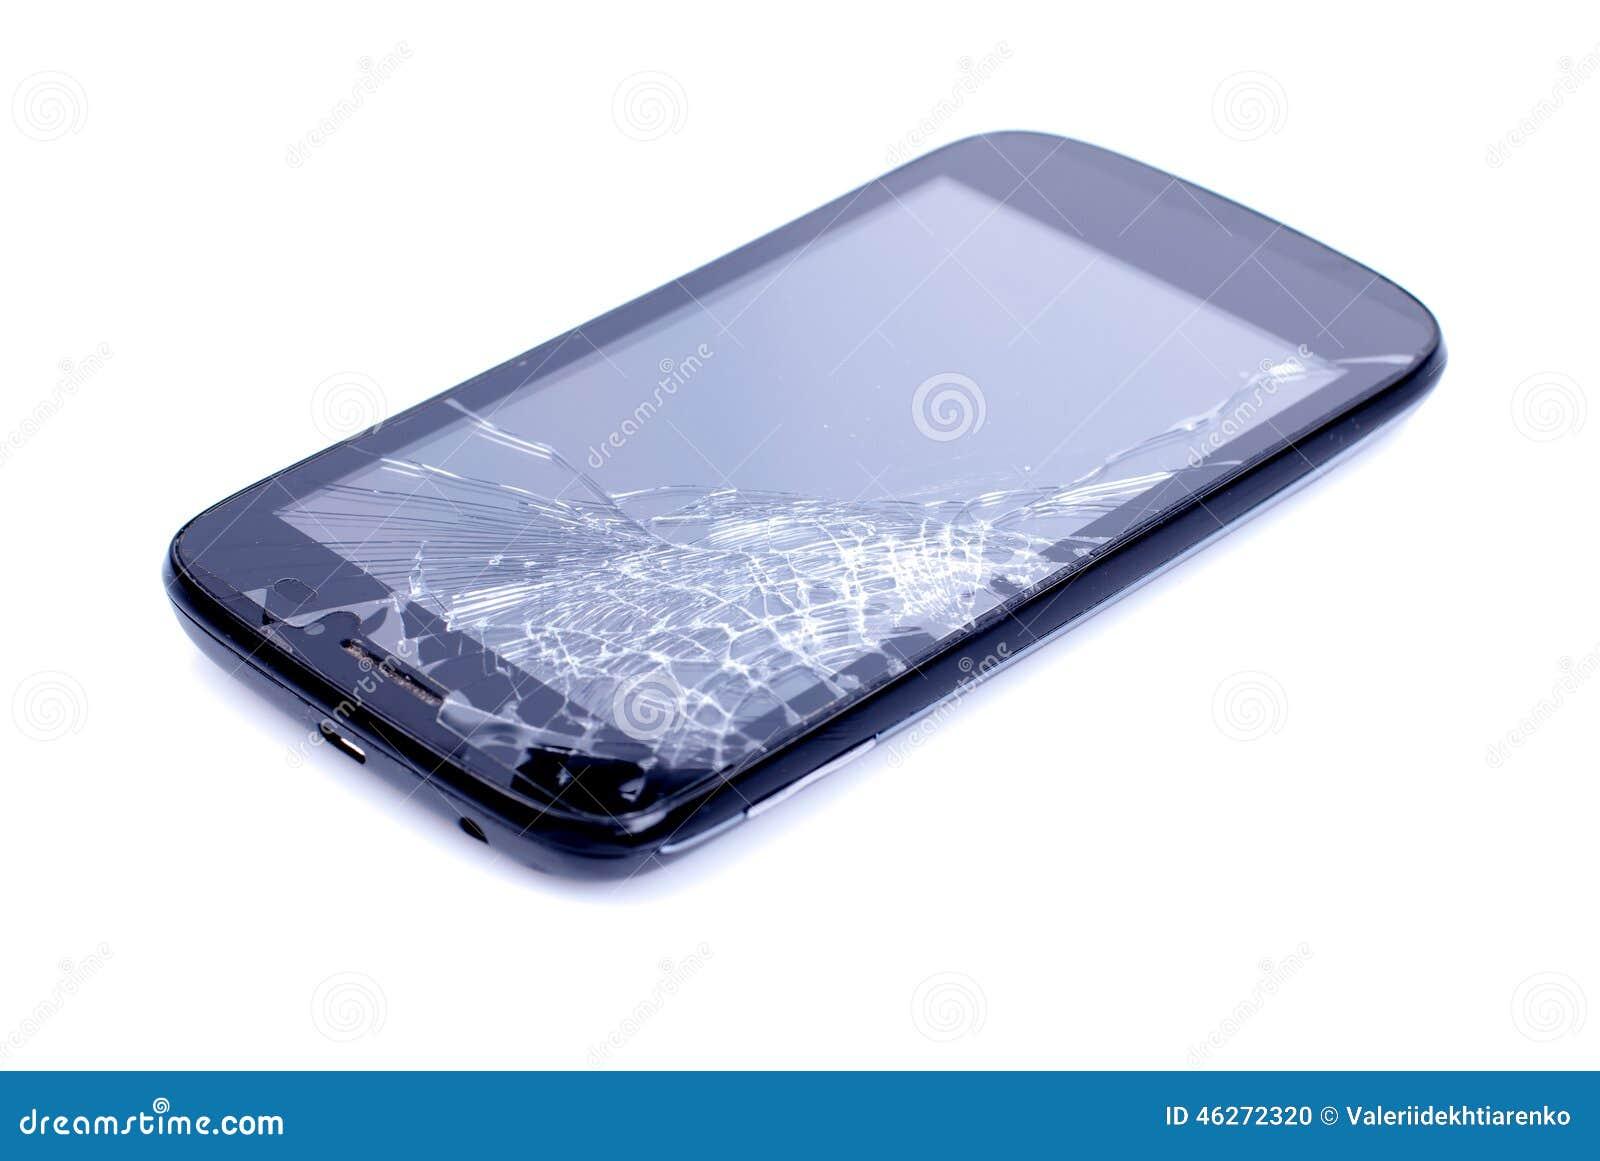 Svart mobiltelefon med en bruten skärm på en isolerad backgroun